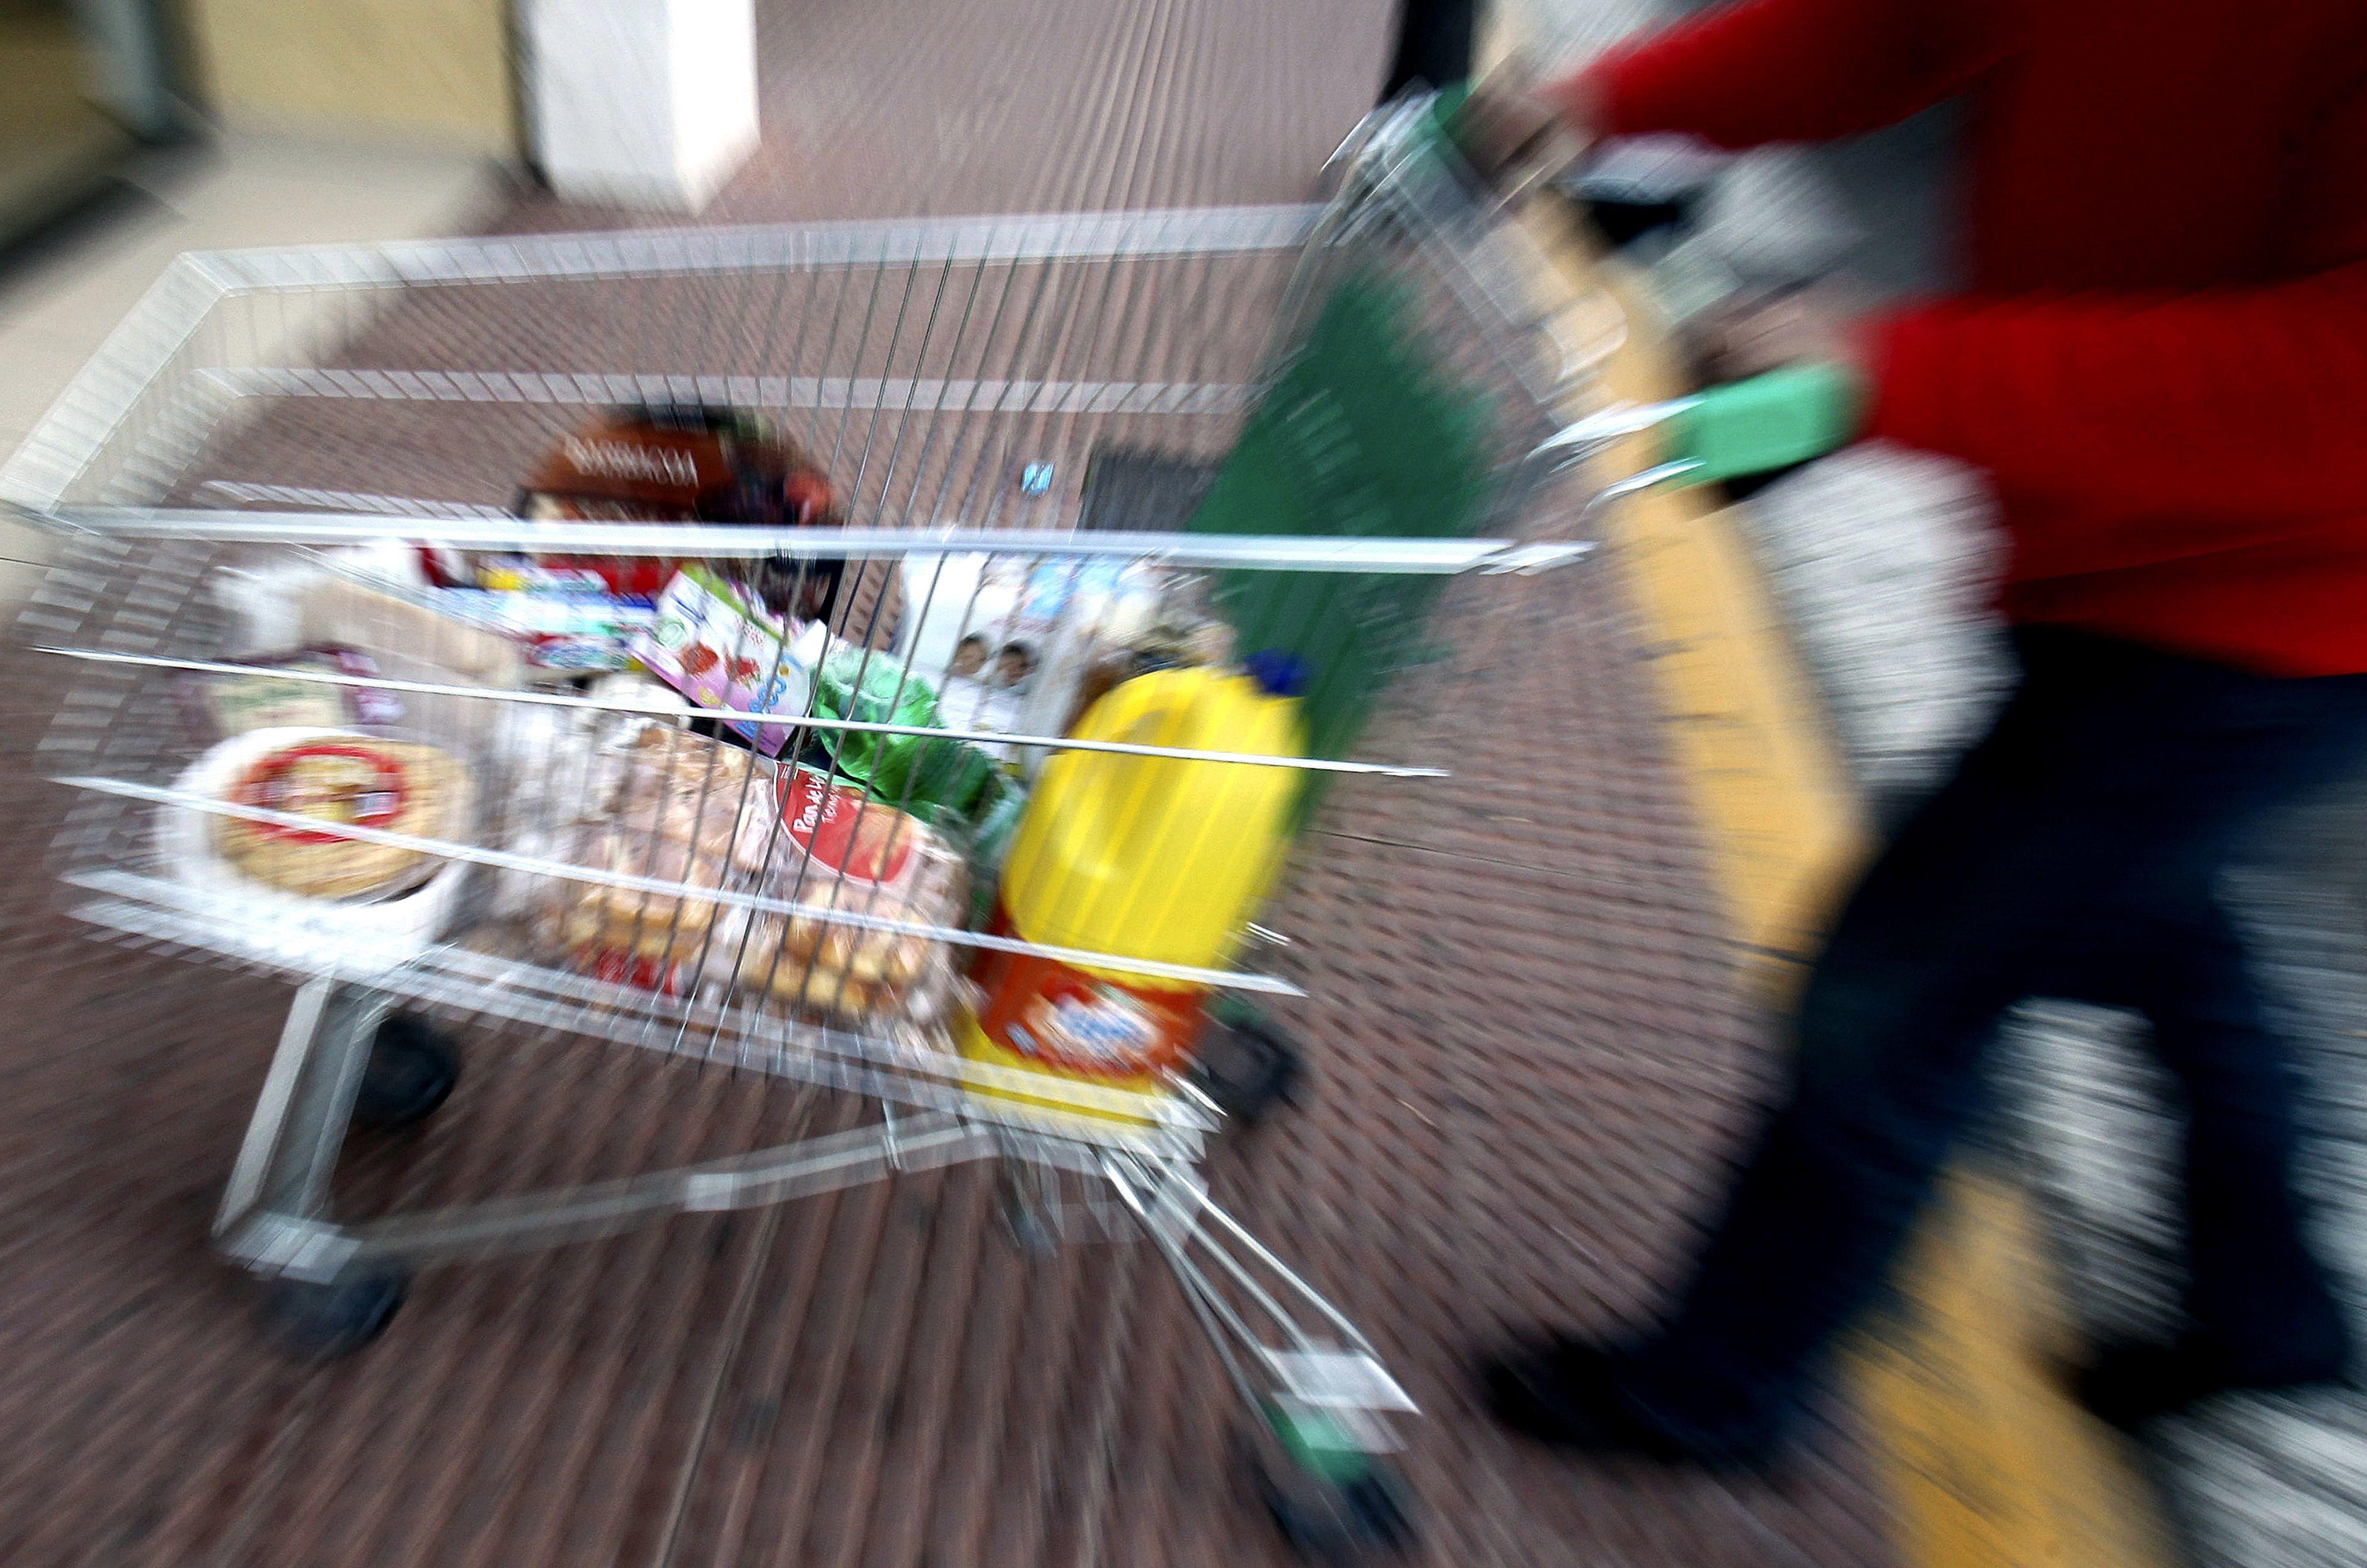 Produtos de marca própria são menos promovidos pelos supermercados